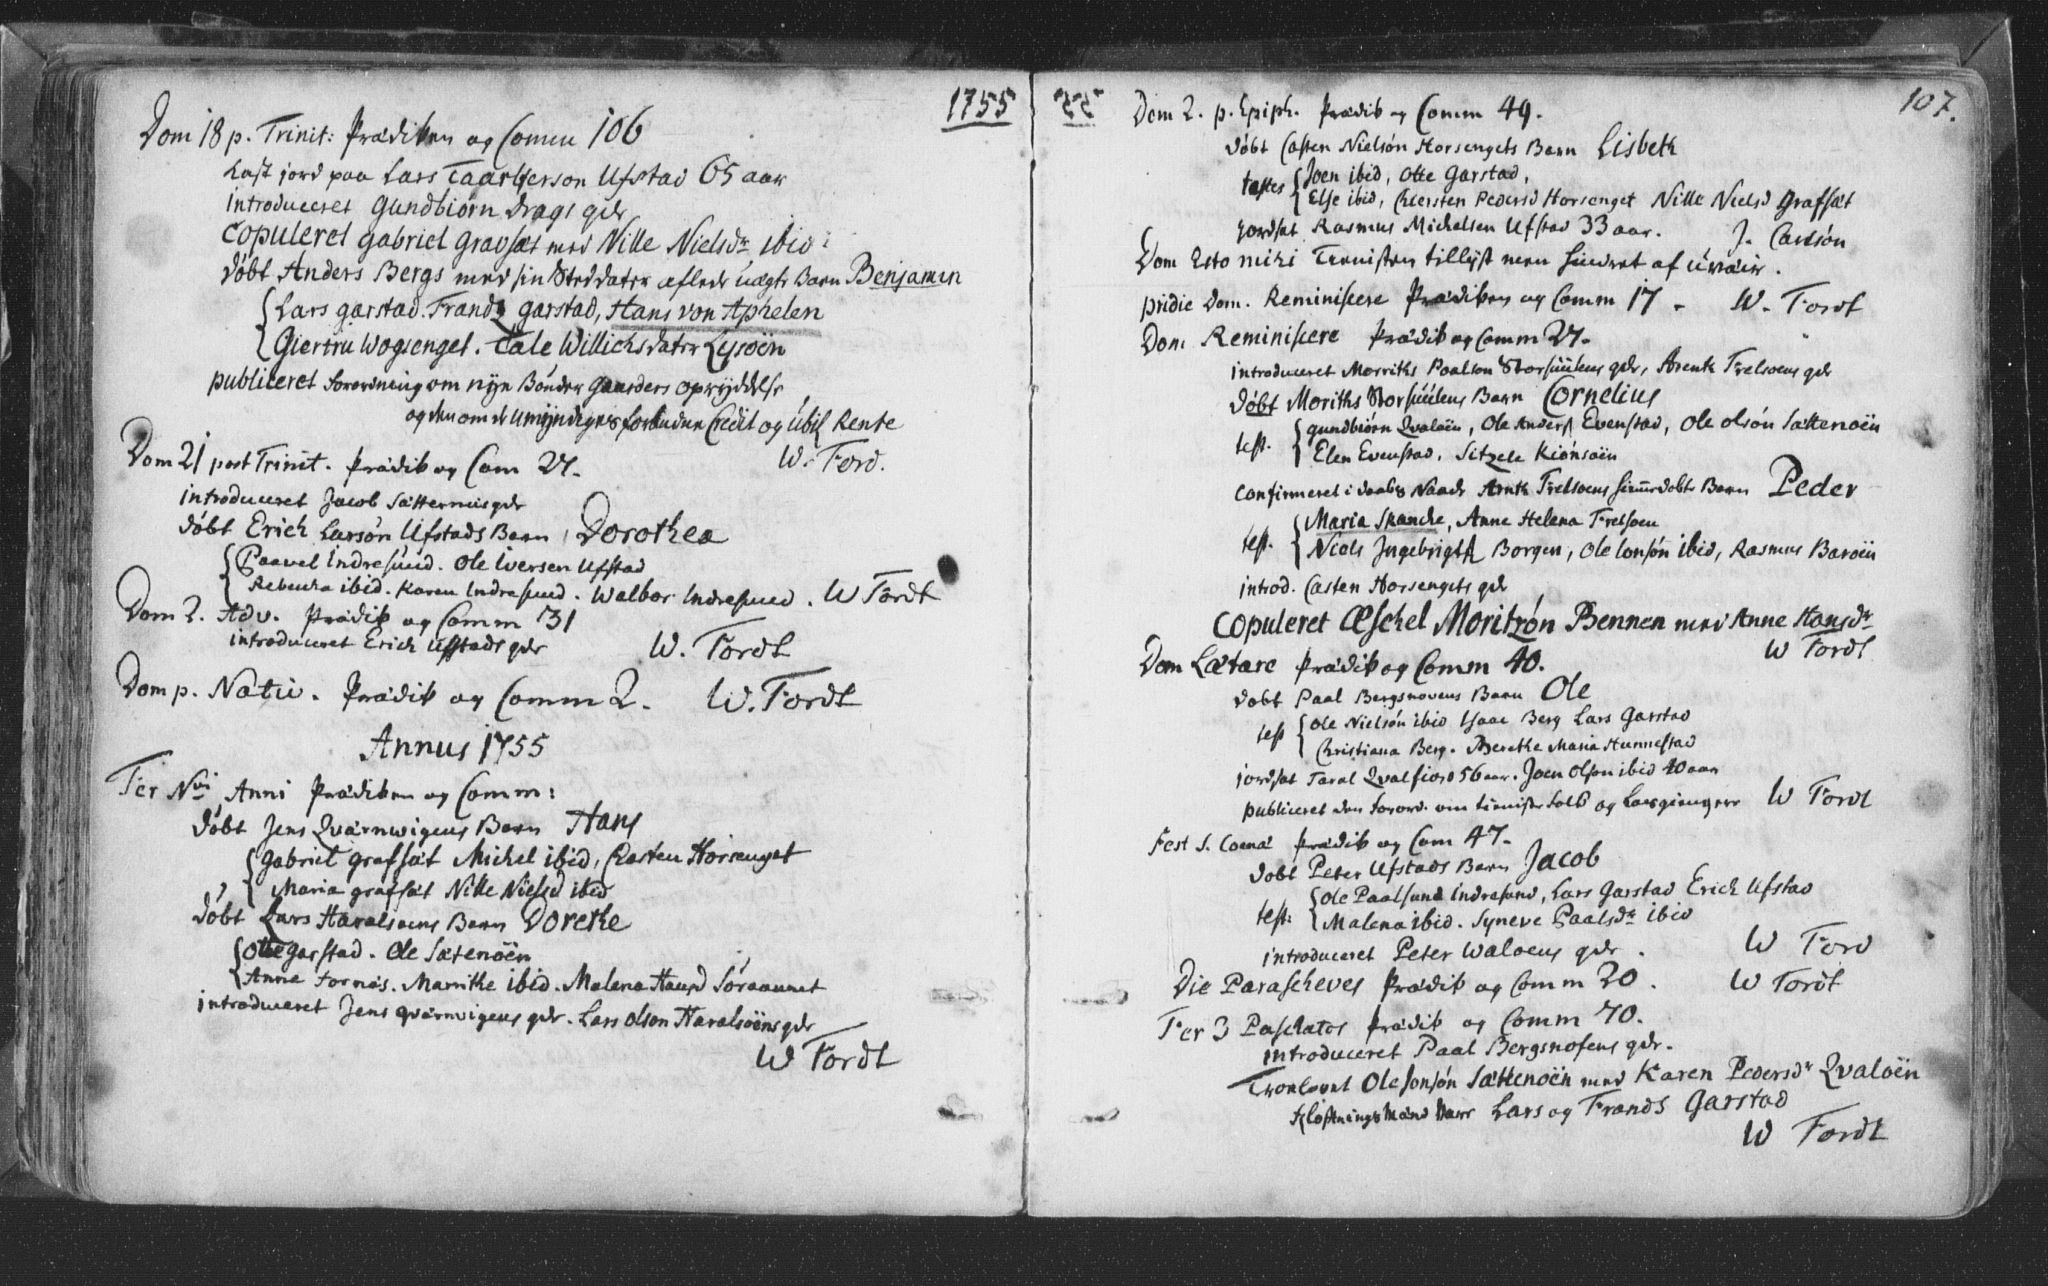 SAT, Ministerialprotokoller, klokkerbøker og fødselsregistre - Nord-Trøndelag, 786/L0685: Ministerialbok nr. 786A01, 1710-1798, s. 107